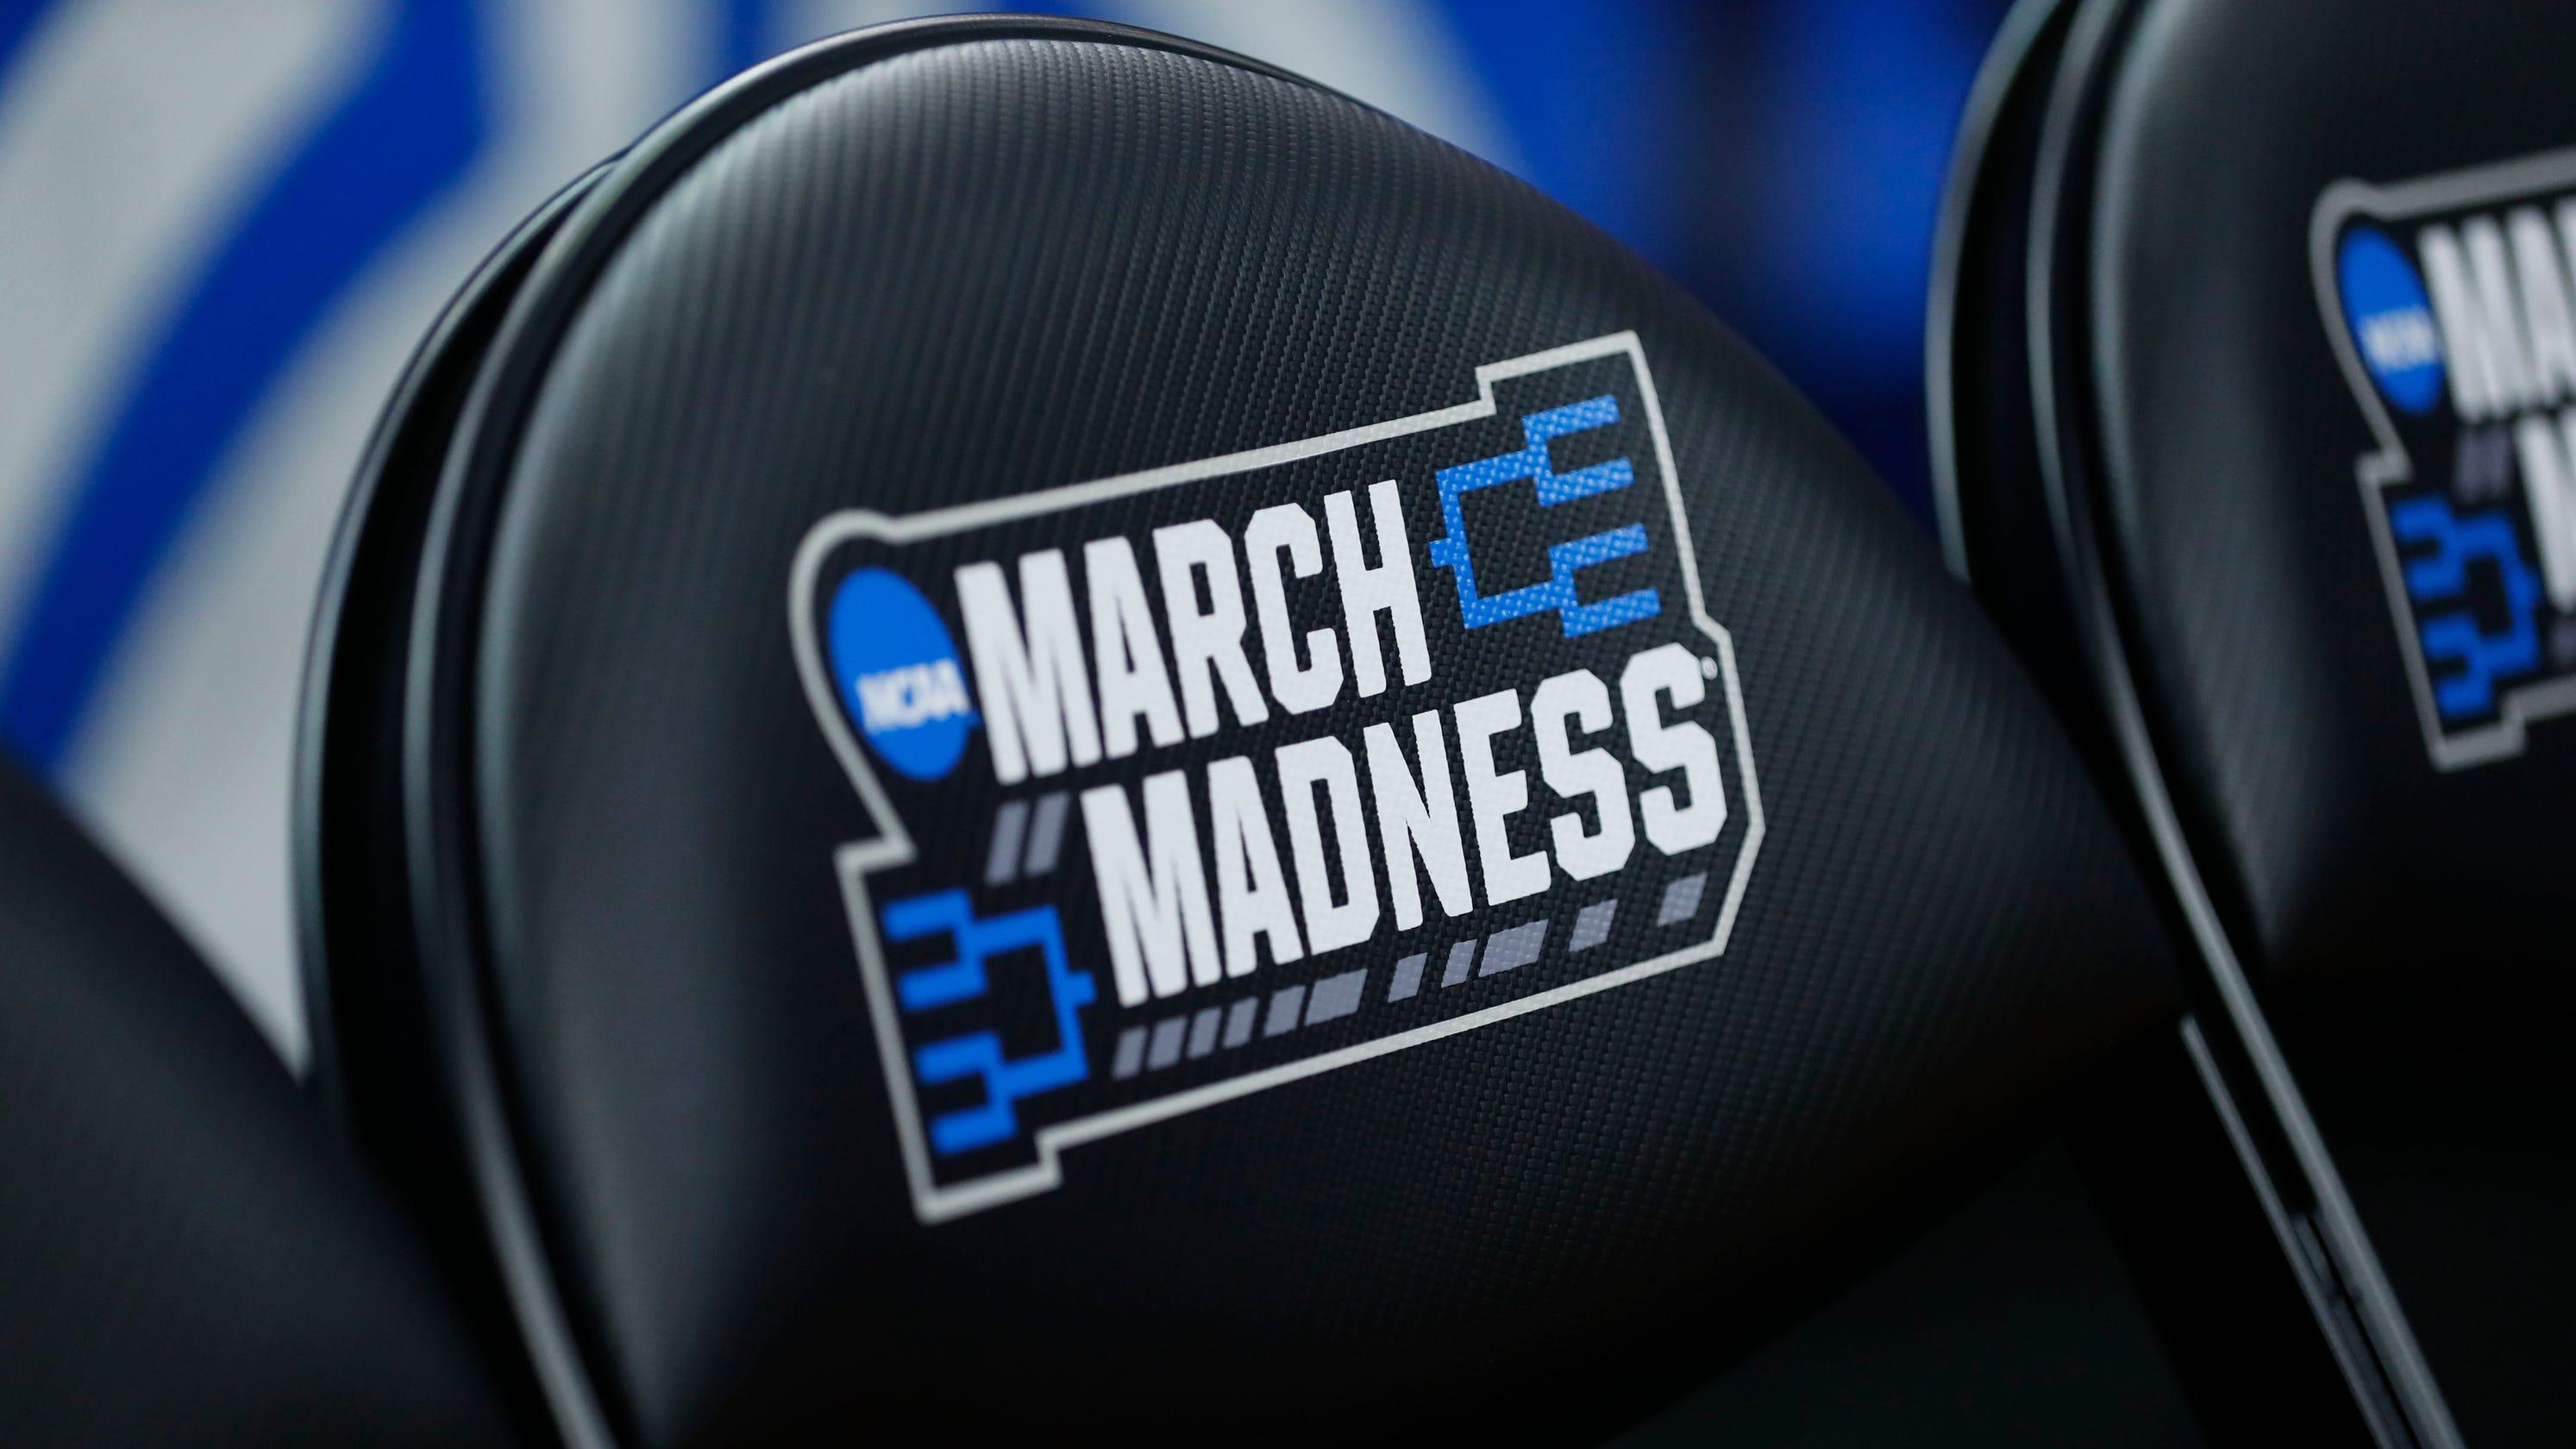 Coronavirus updates: College basketball tournaments under the microscope